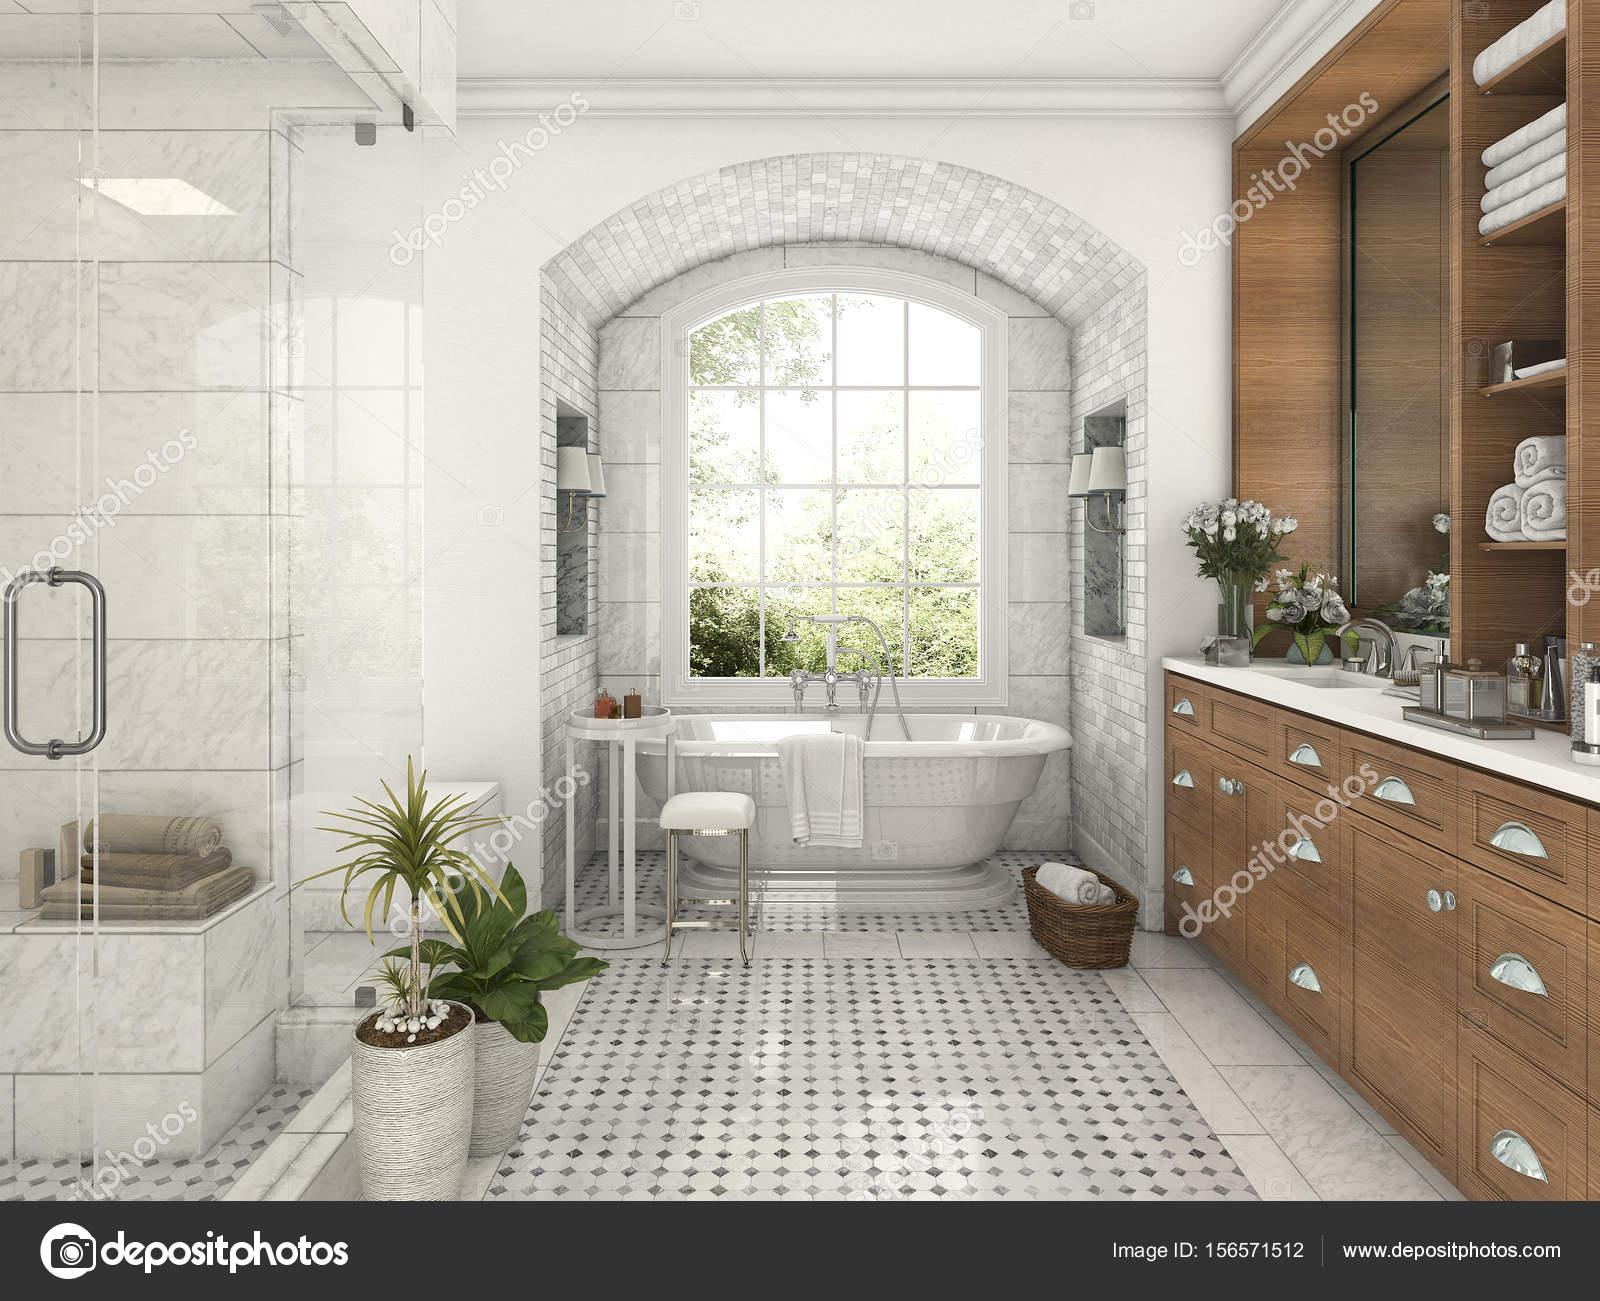 D rendering legno e piastrelle di design bagno vicino alla